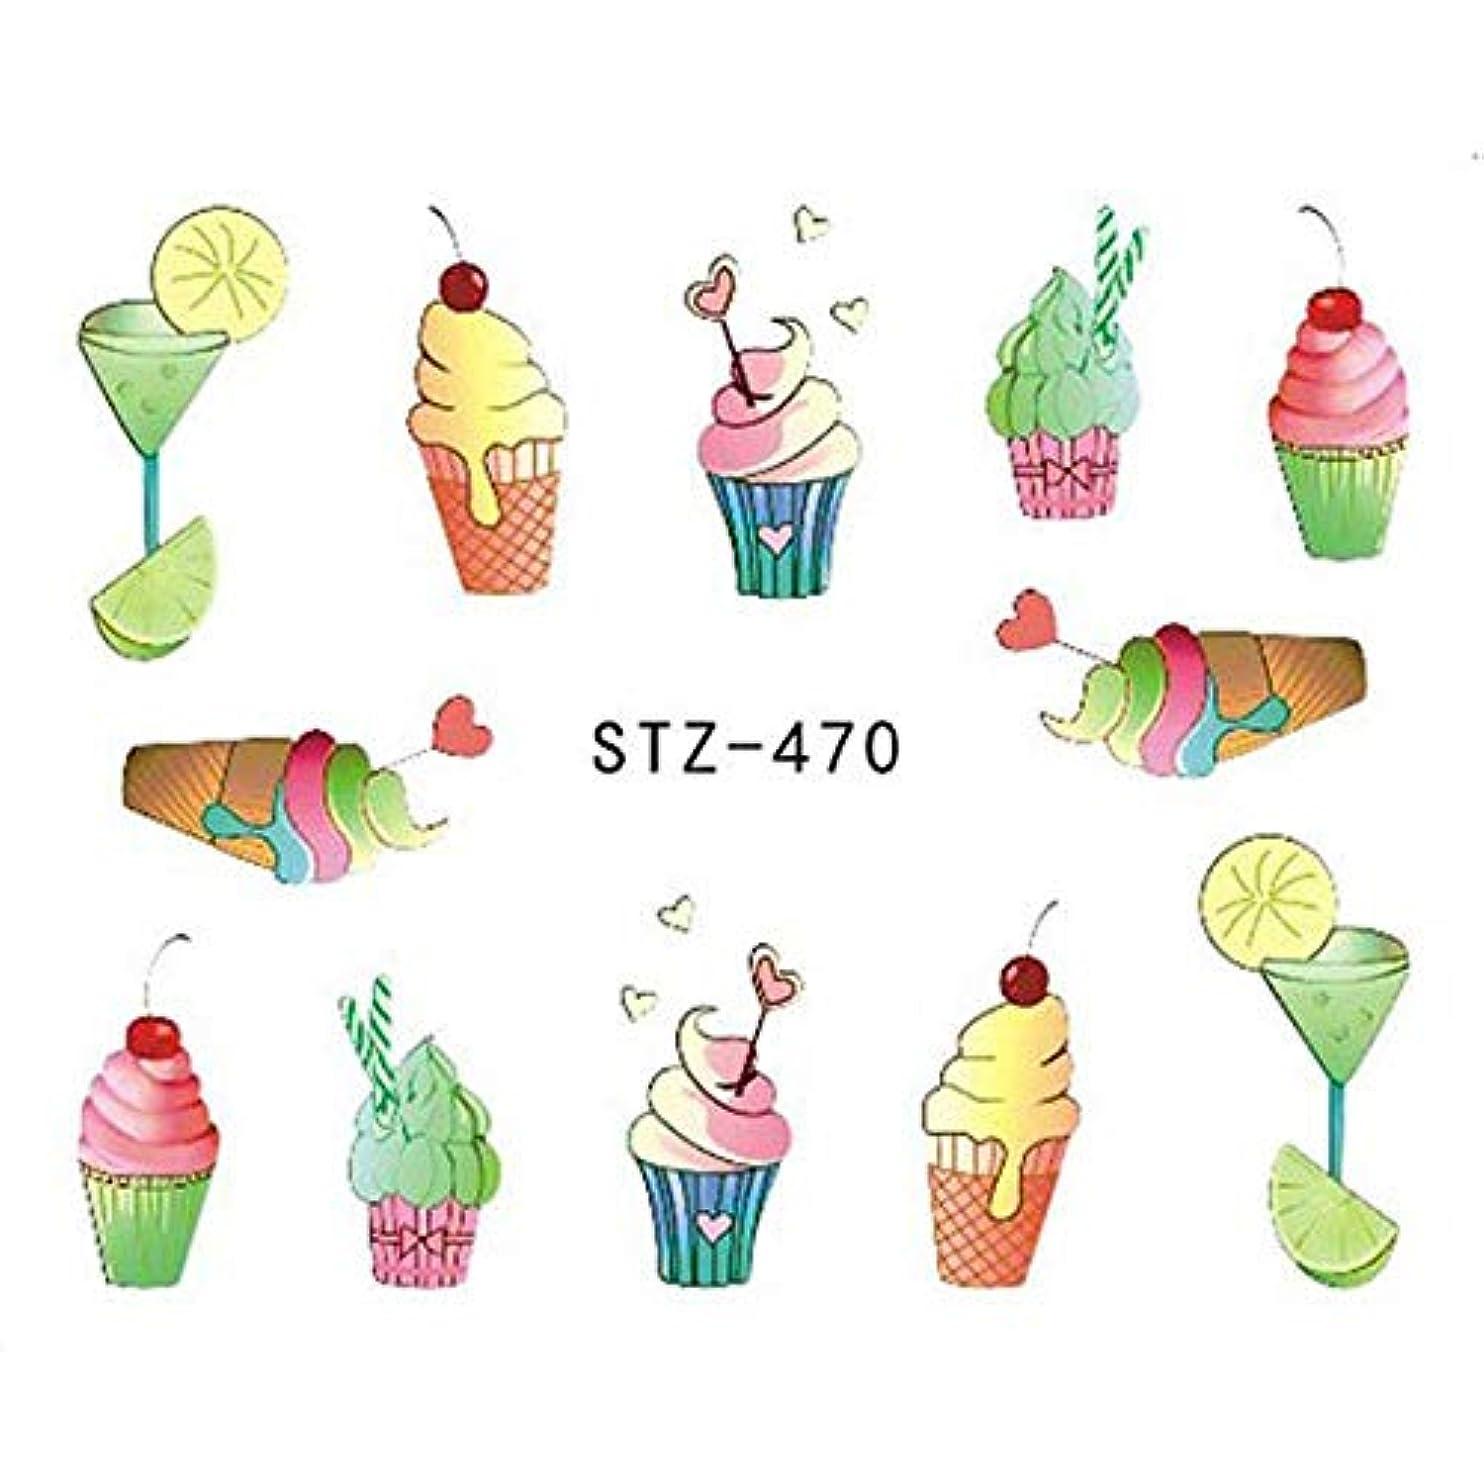 通常会議ずらすSUKTI&XIAO ネイルステッカー 1ピースネイルステッカー水入れ墨夏アイスクリーム/ドリンク/フルーツ/花/蝶Diyデカールネイルアートクールな装飾、Stz470